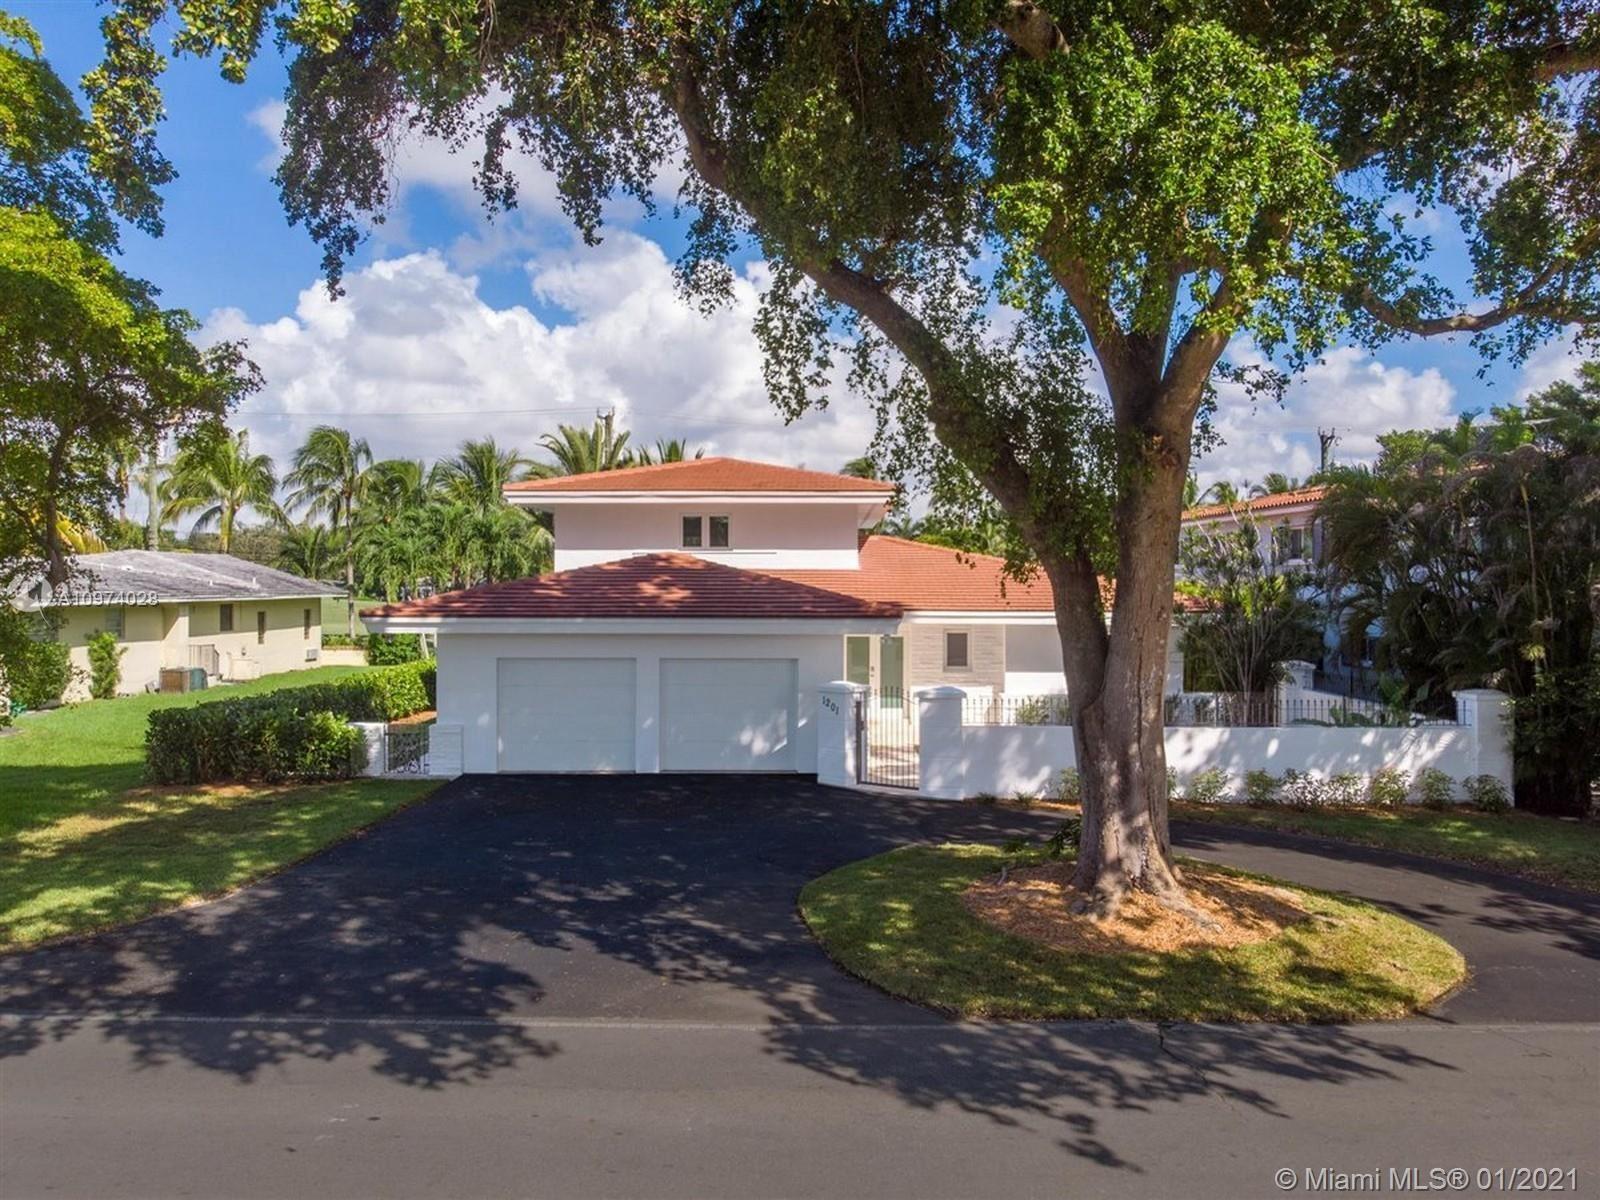 1201 Campo Sano Ave, Coral Gables, FL 33146 - #: A10974028